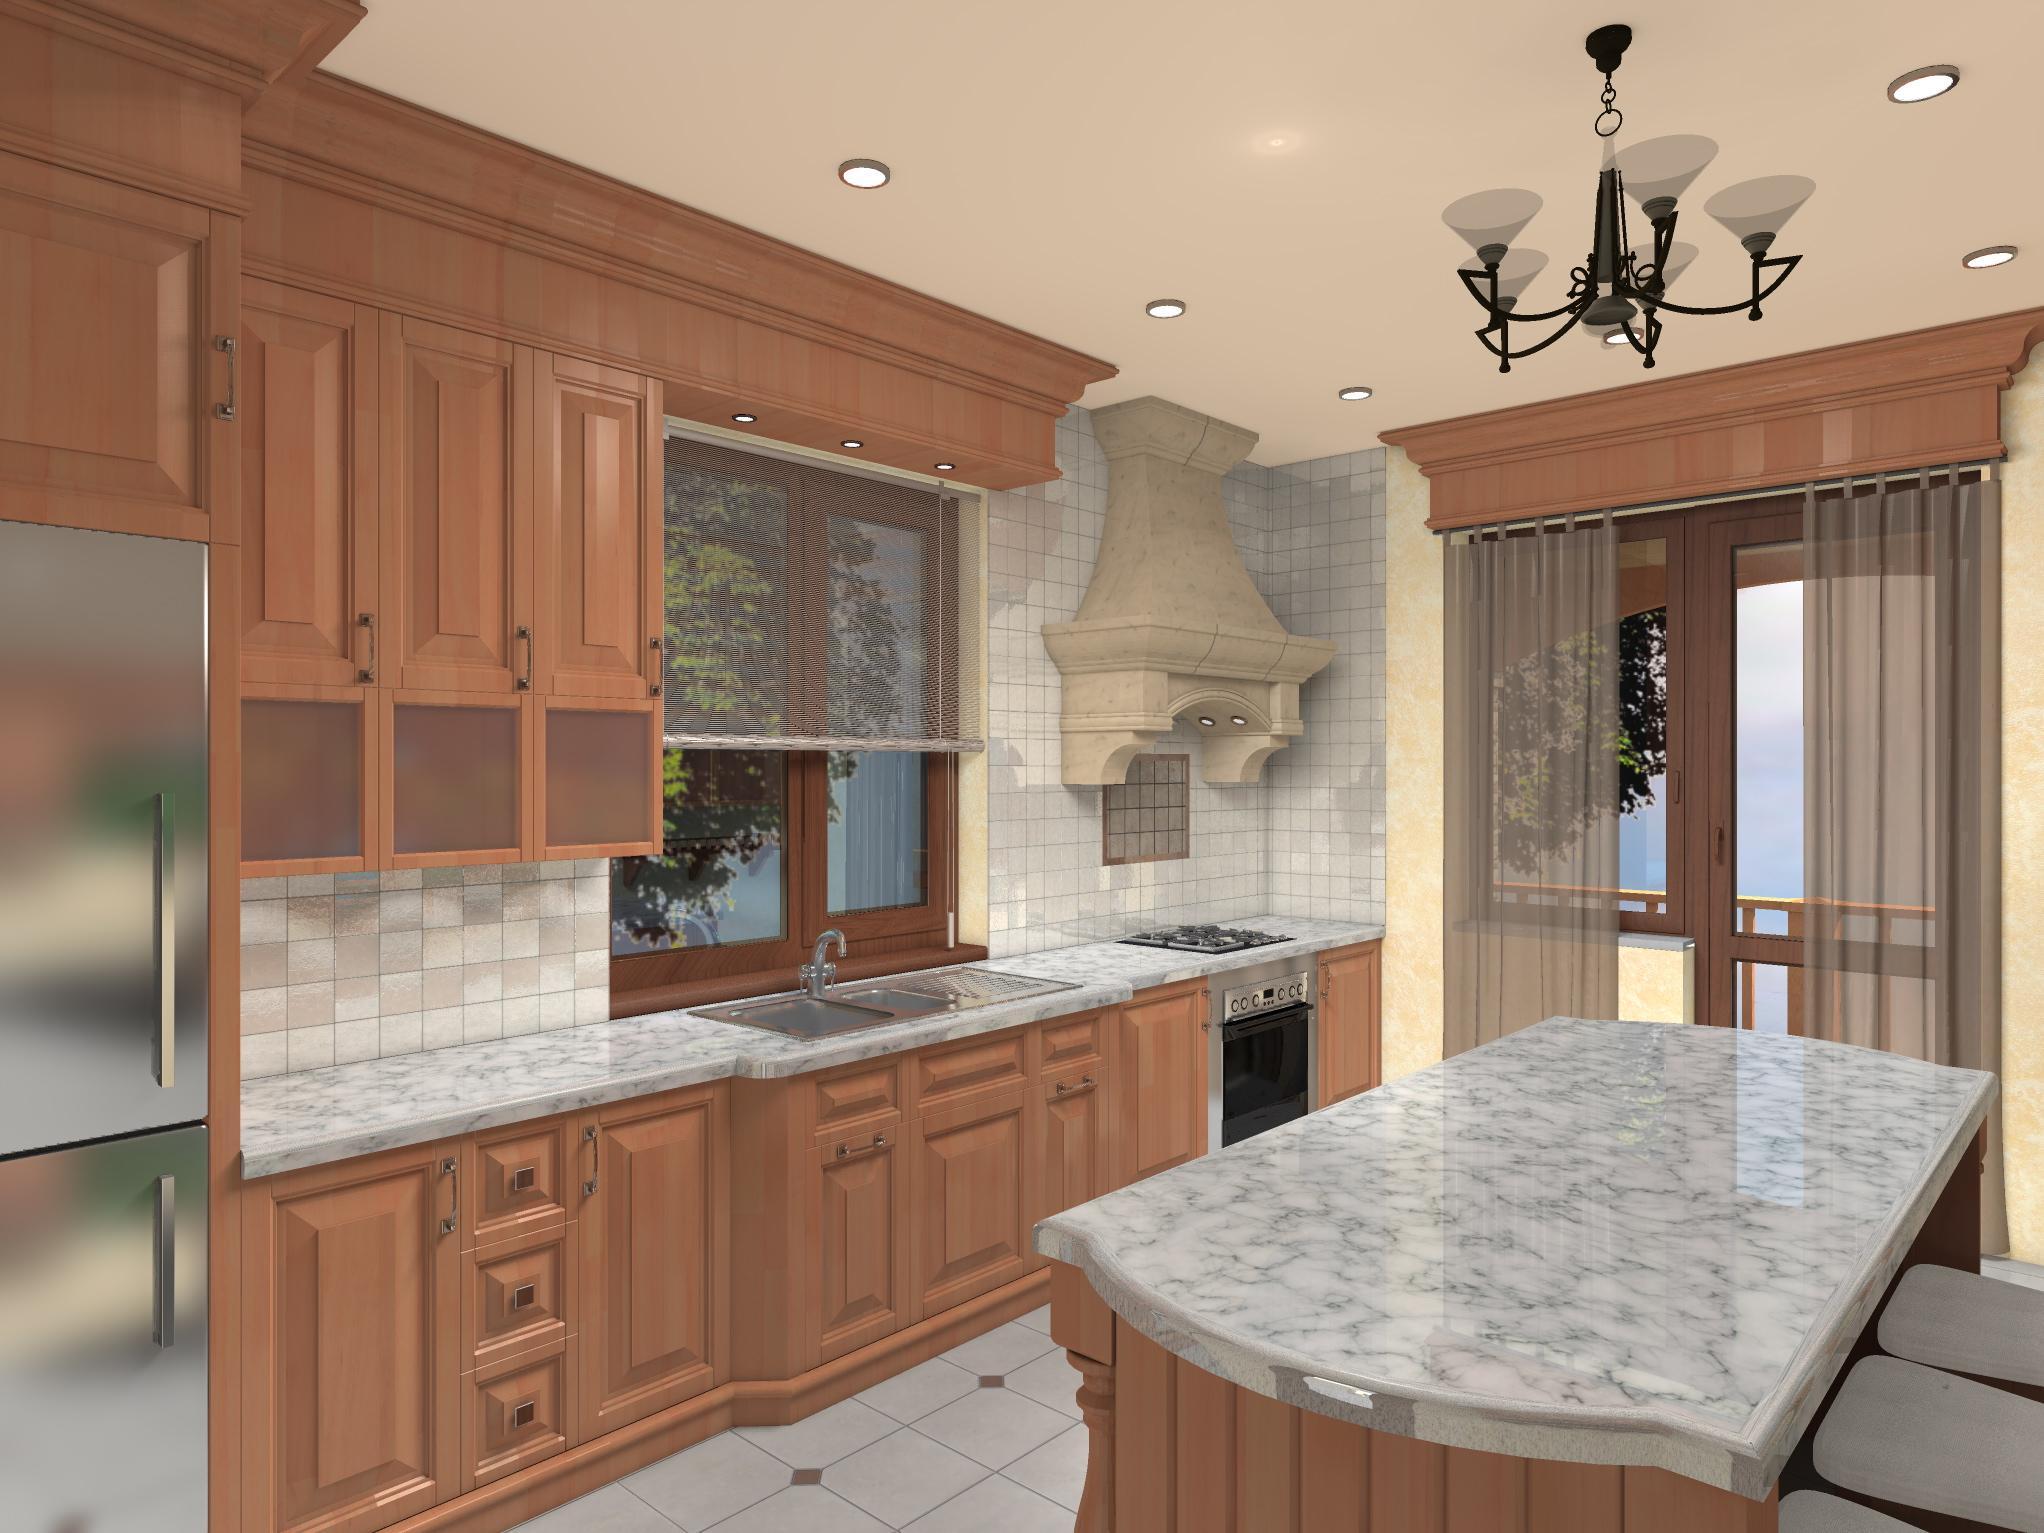 Кухня в частном доме, вариант 2-1